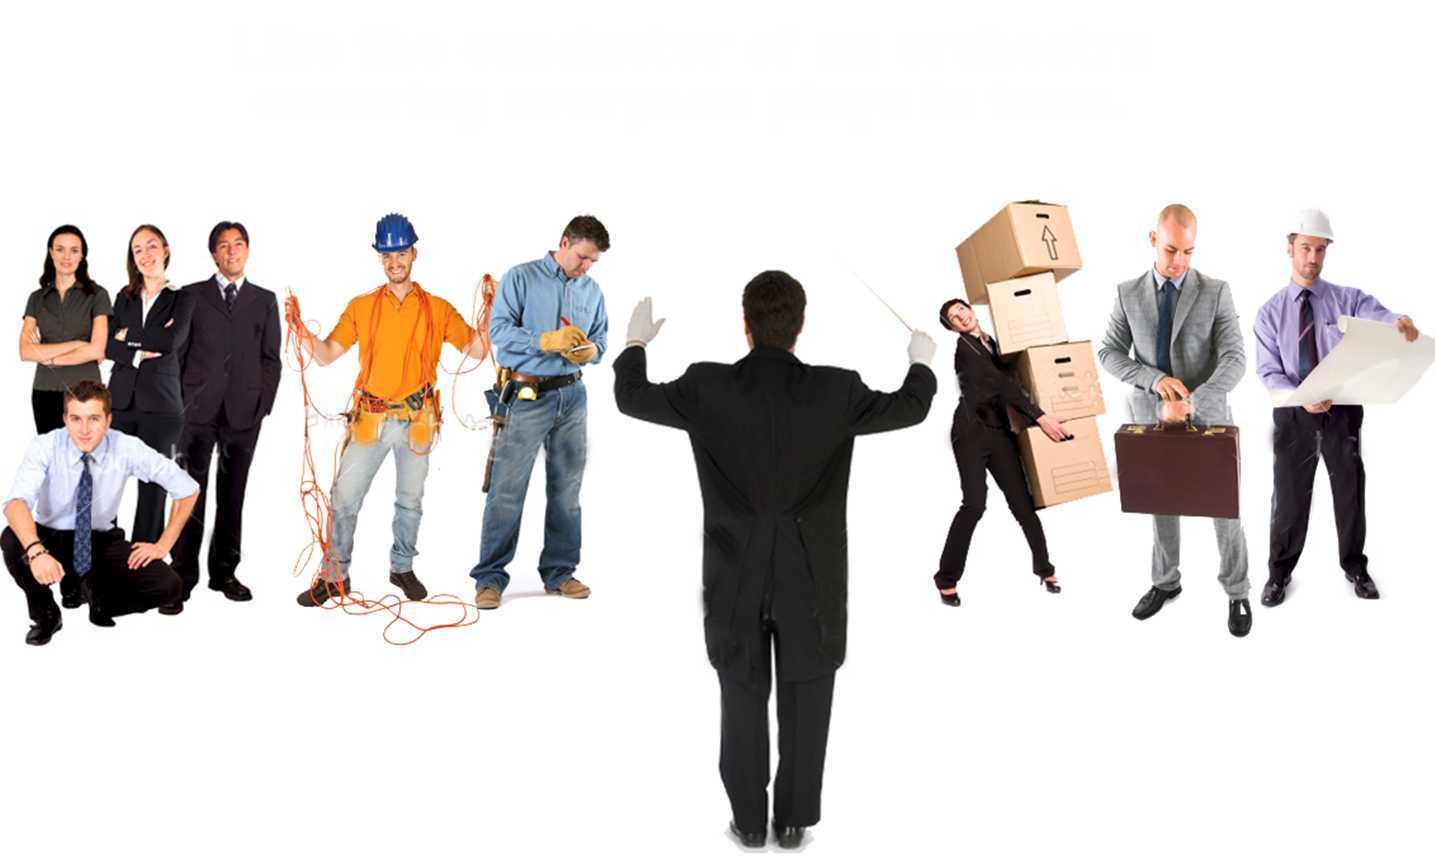 agilni razvoj za menadžment